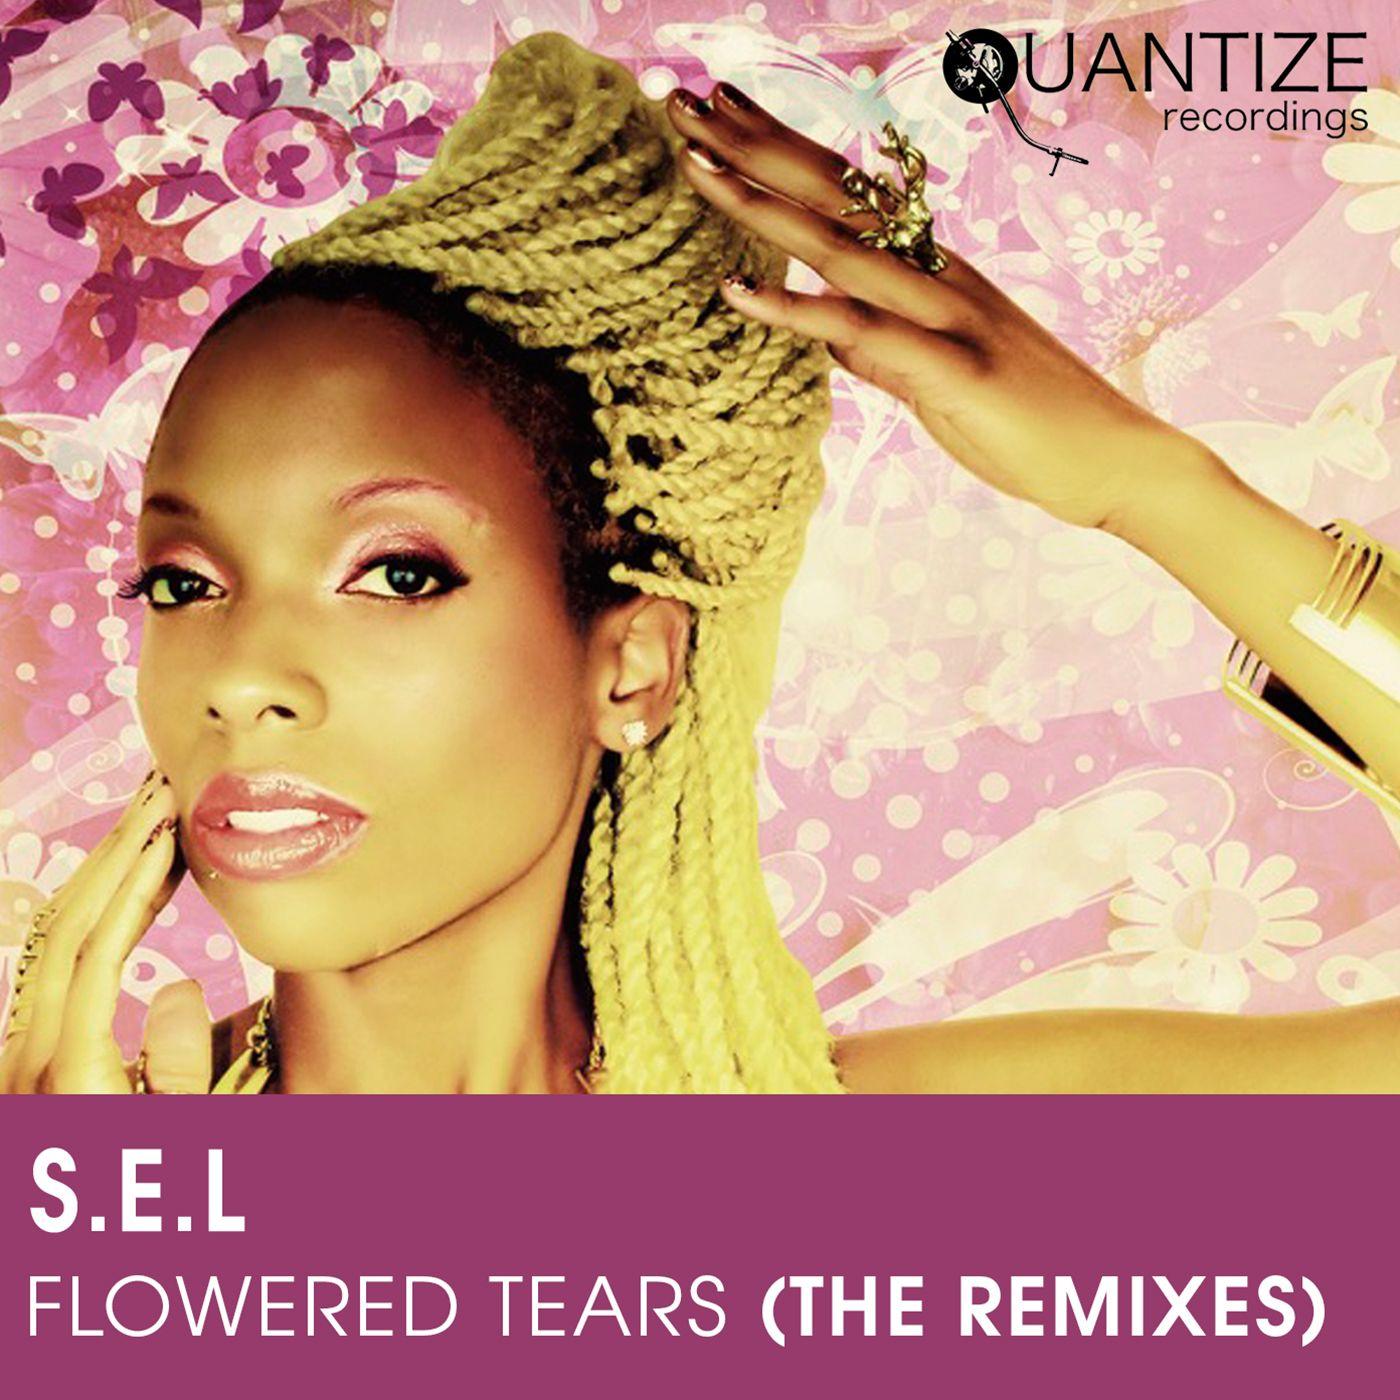 qtz139_s.e.l._flowered_tears_remixes_final.jpg